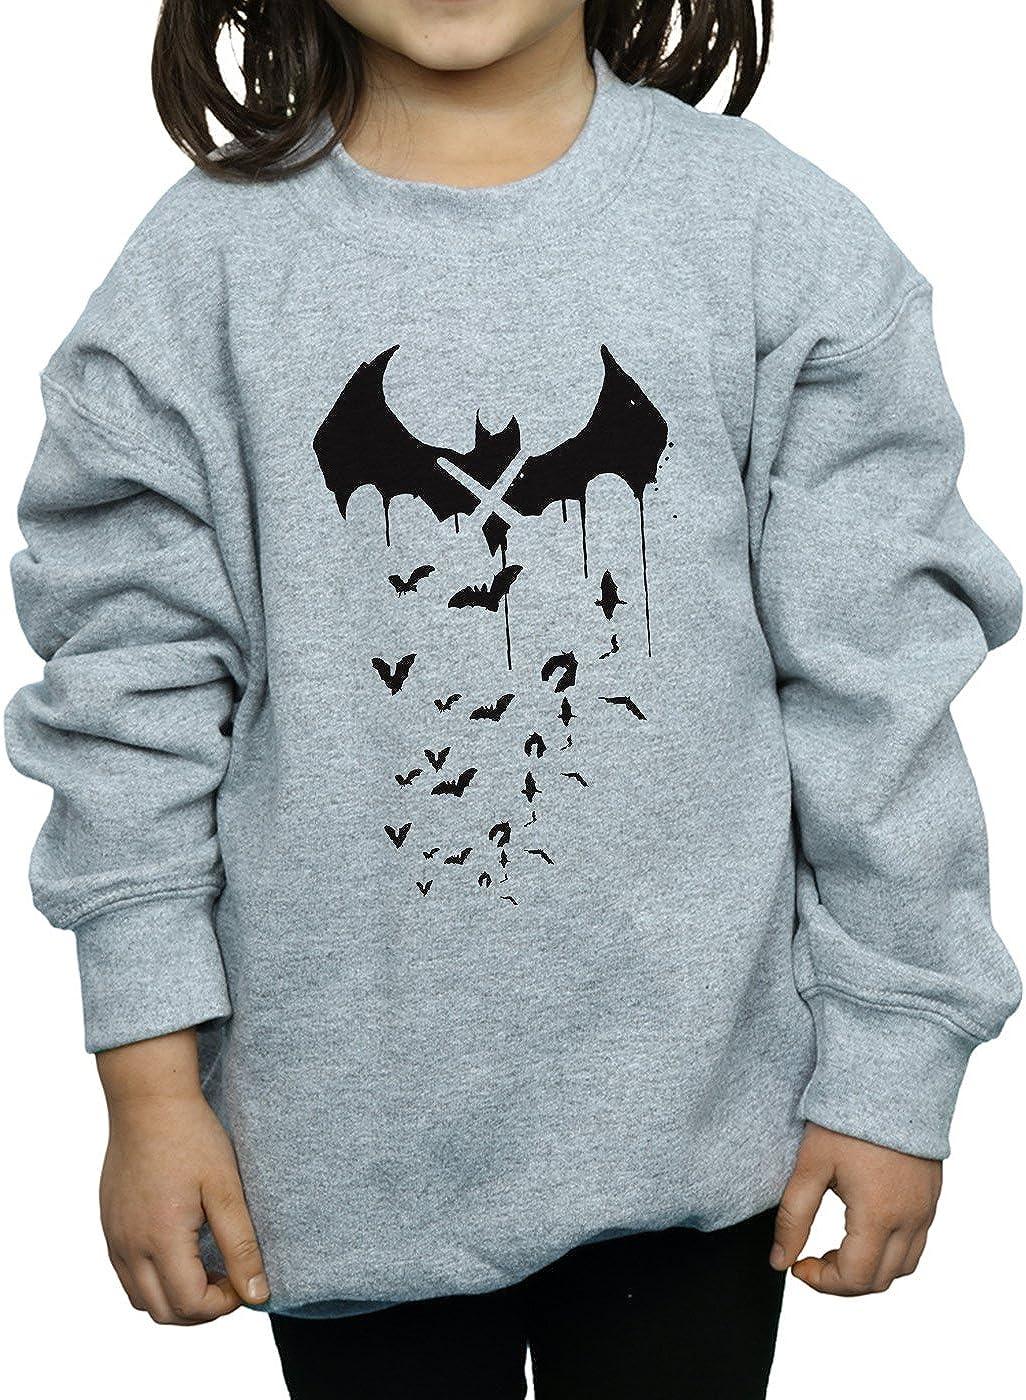 DC Comics Girls Batman Arkham Knight Bats X Drip Sweatshirt